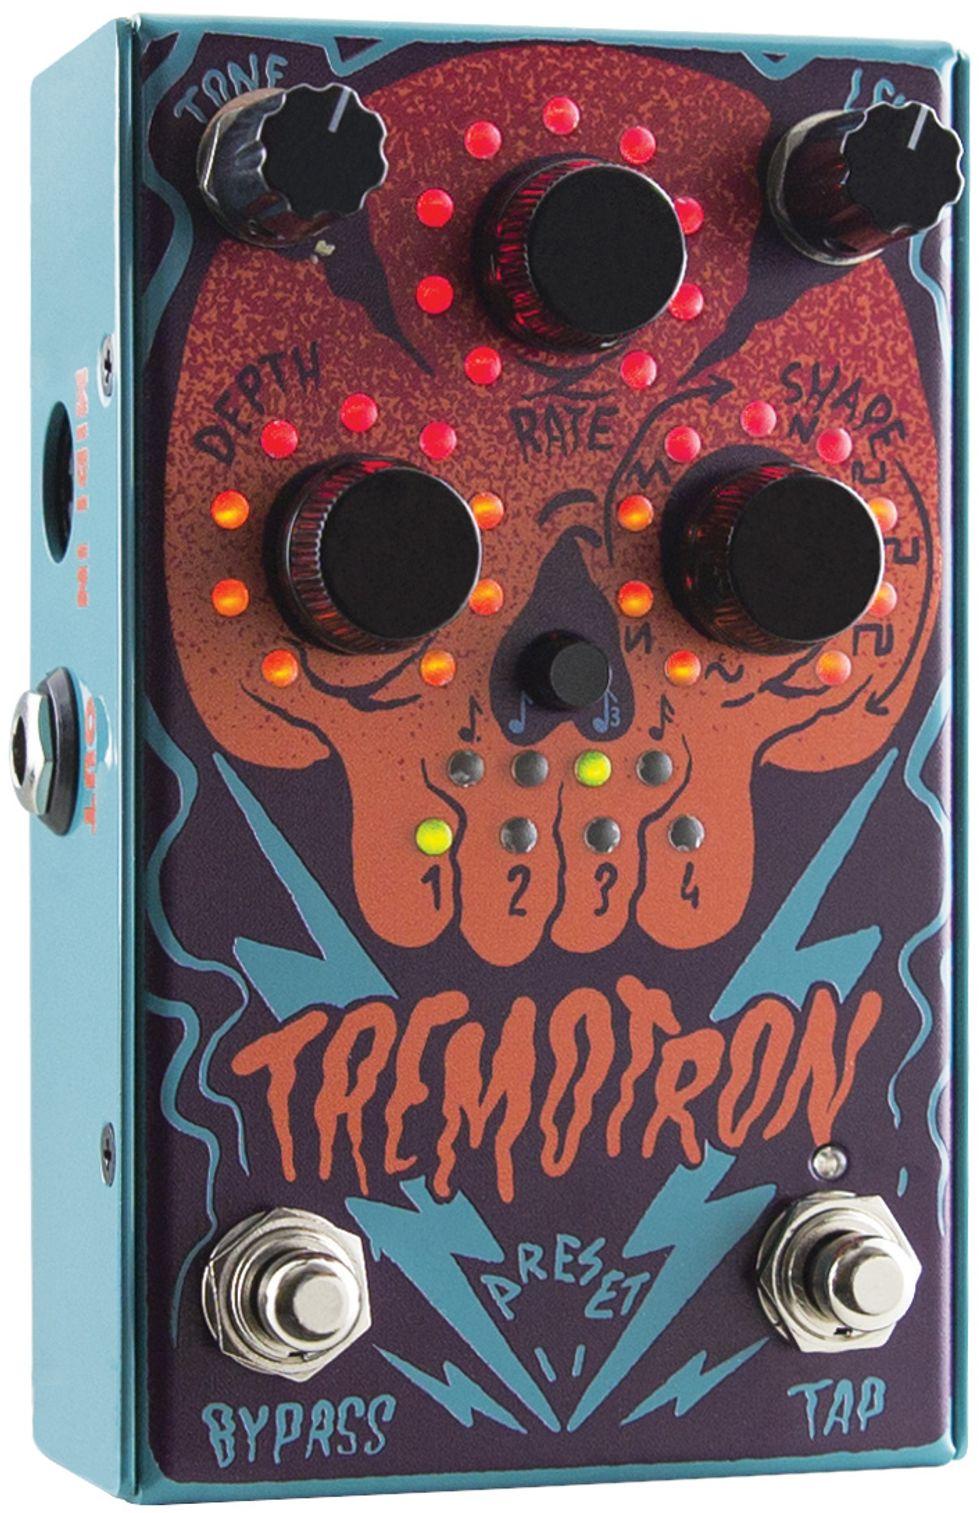 Tone Deaf >> Stone Deaf Tremotron Review   Premier Guitar